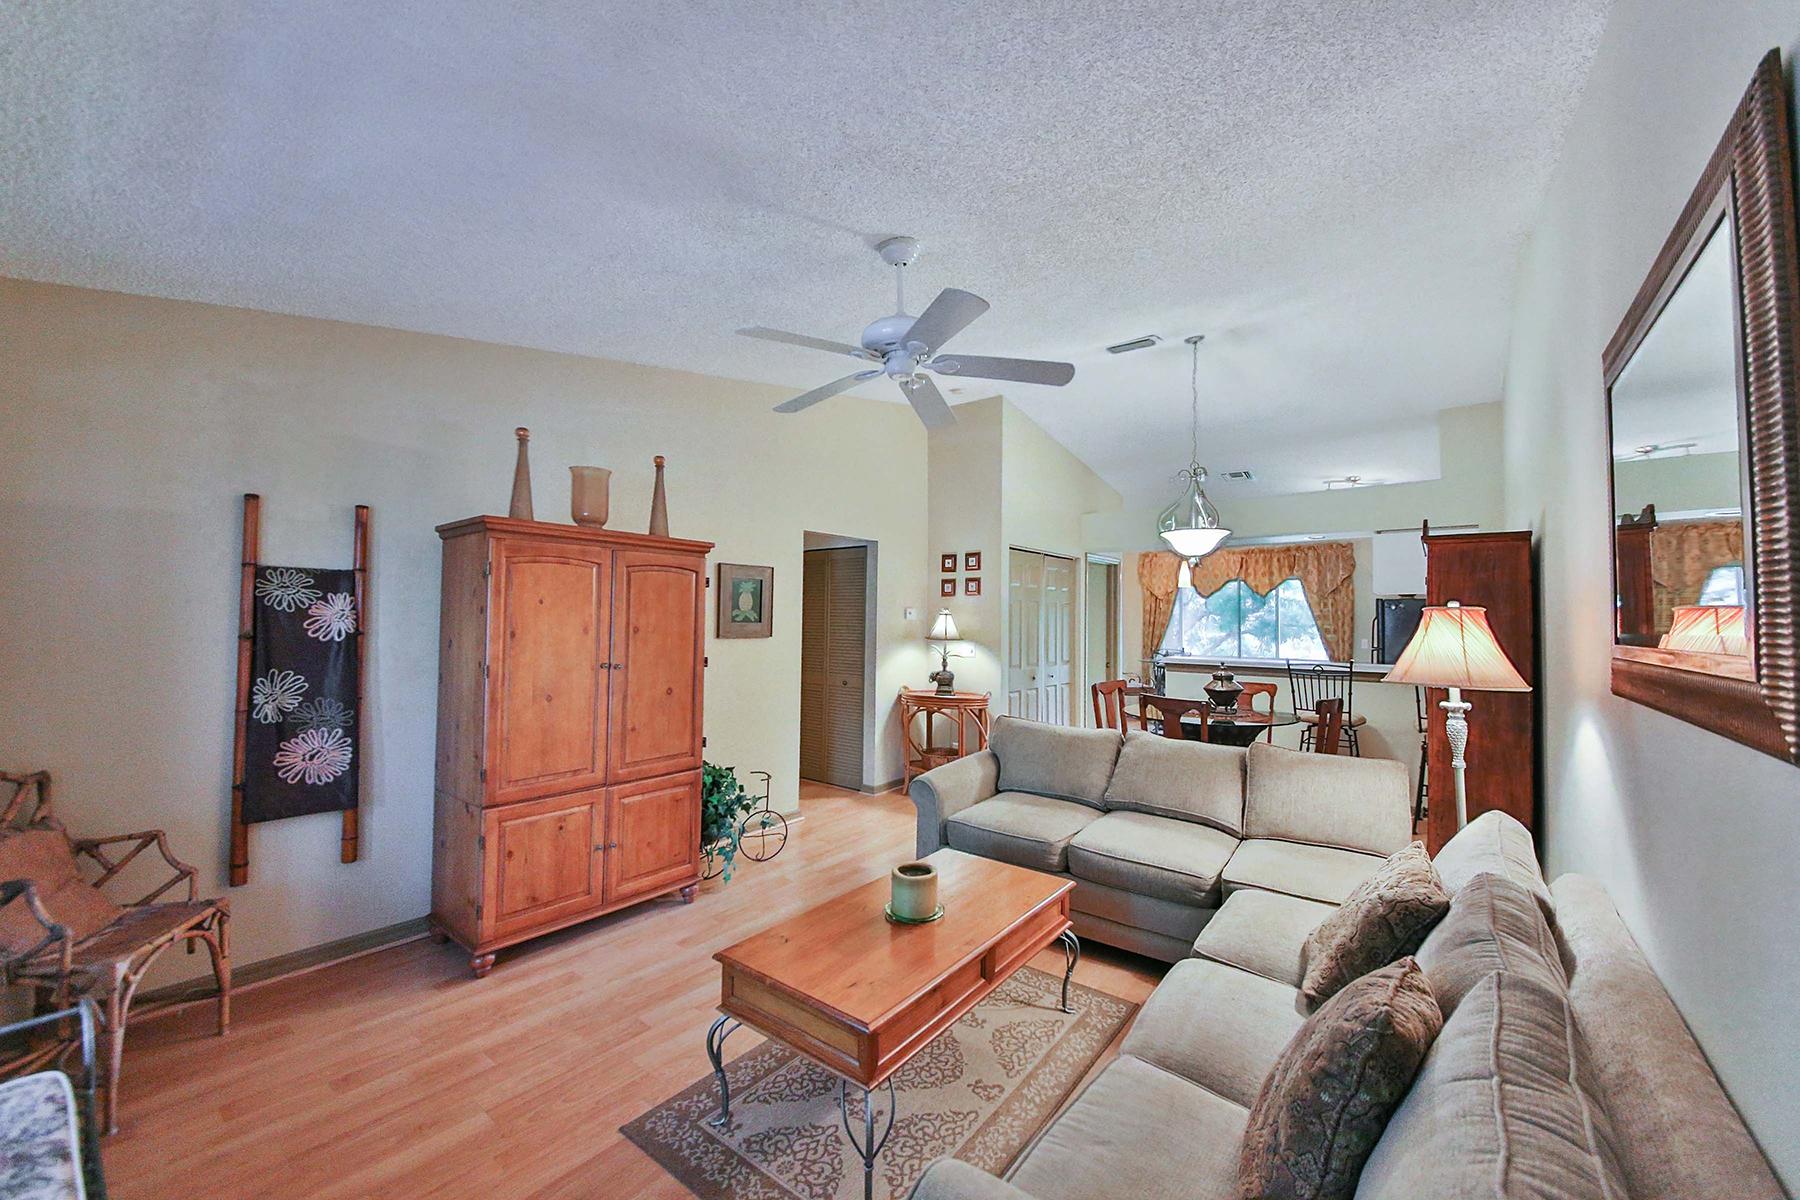 Condominium for Rent at QUAIL RUN - VERANDAS 259 Quail Forest Blvd 208, Naples, Florida 34105 United States